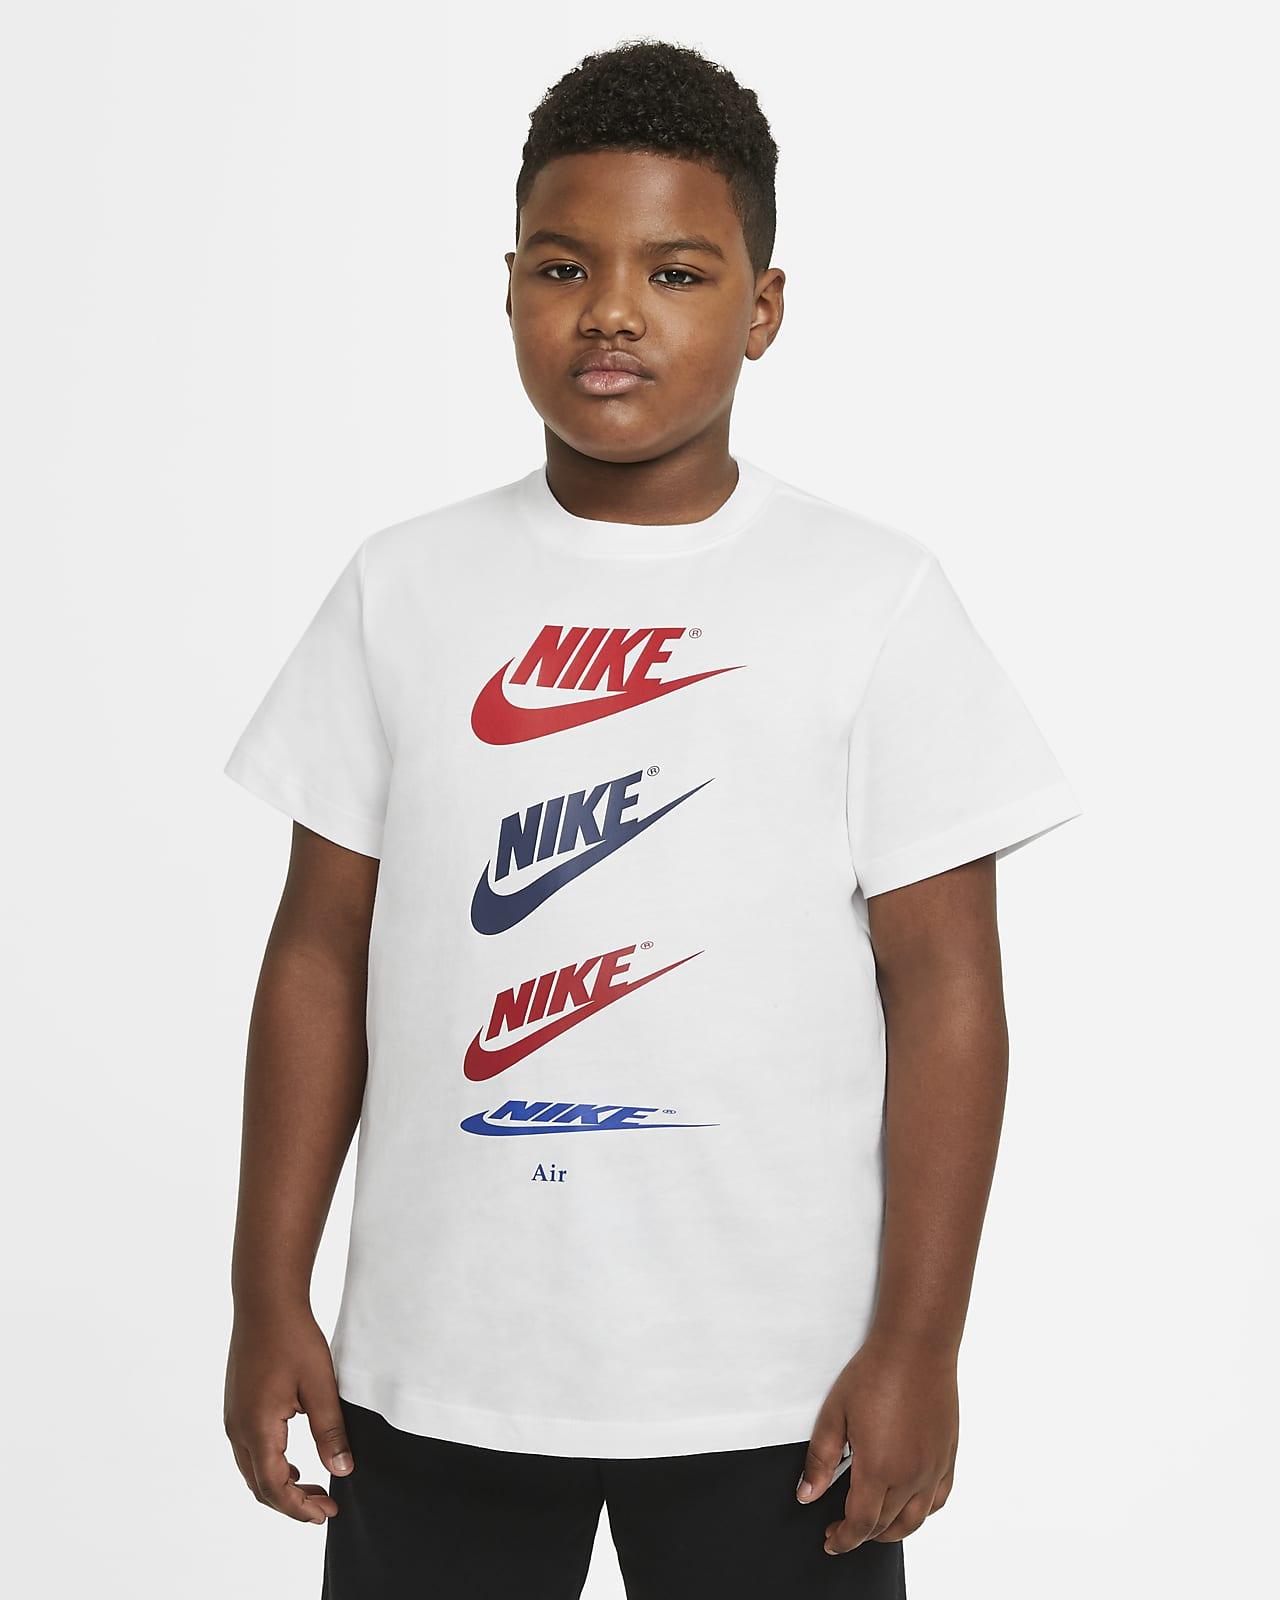 Nike Sportswear T-Shirt für ältere Kinder (Jungen) (erweiterte Größe)